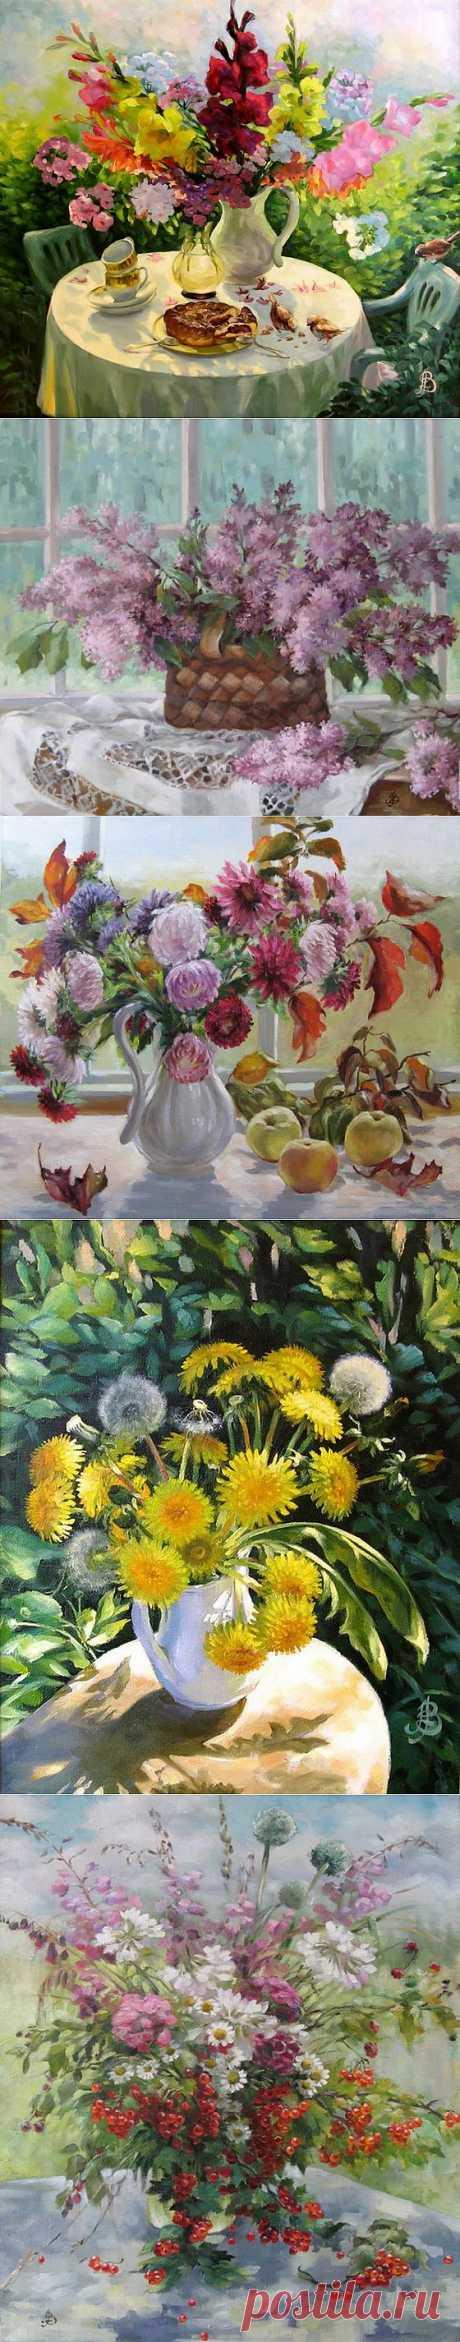 Цветочная живопись в творчестве Зинаиды Ведешиной.